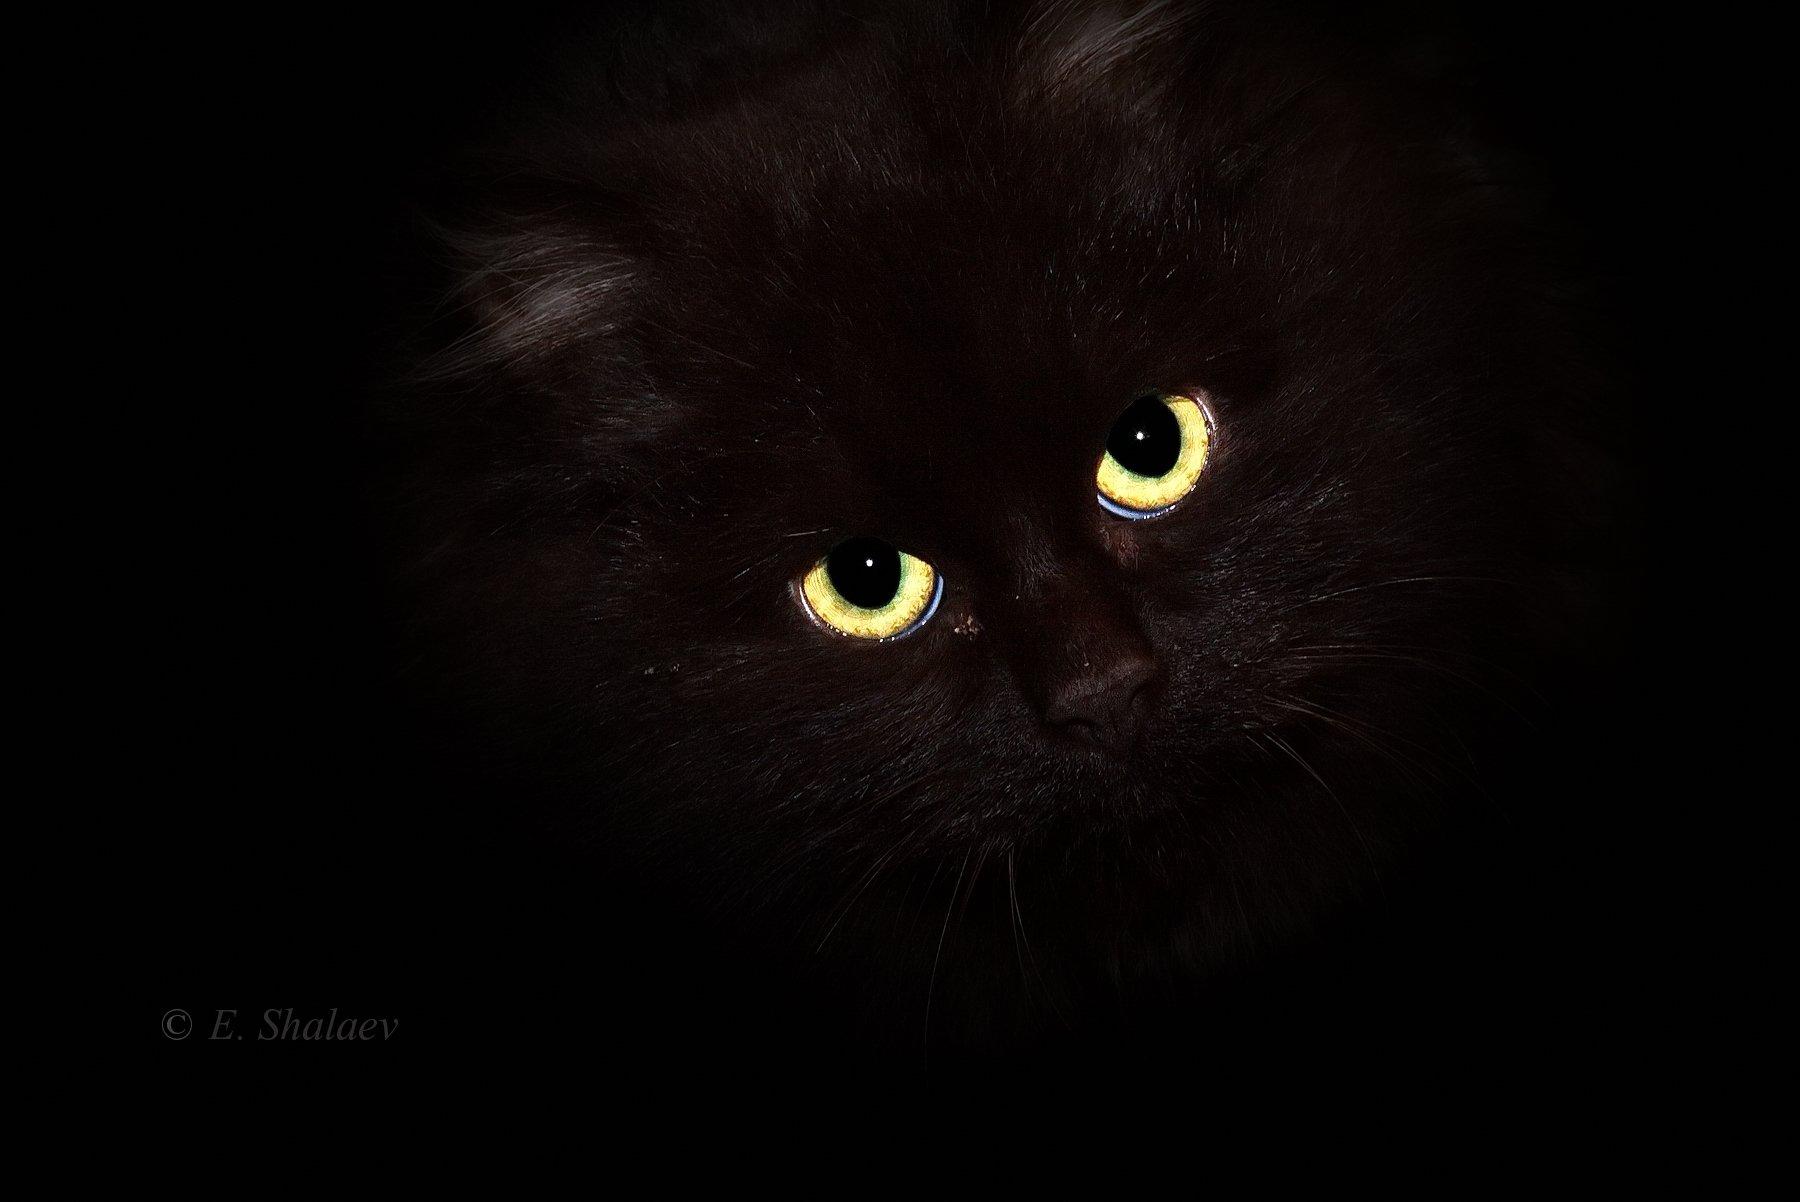 кот, Евгений